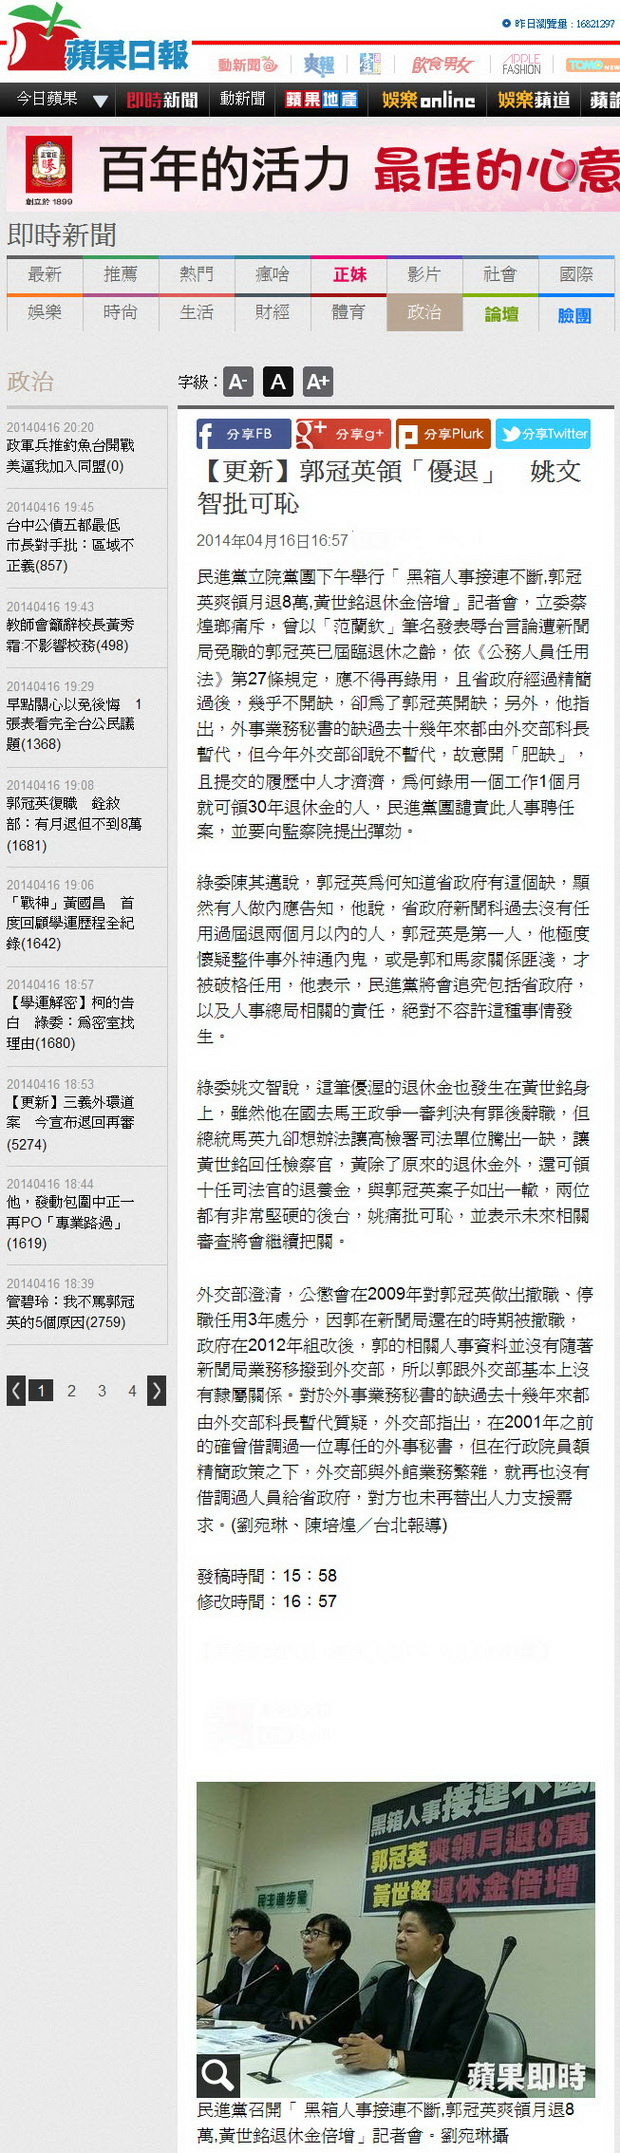 【更新】郭冠英領「優退」姚文智批可恥 -2014.04.16.jpg